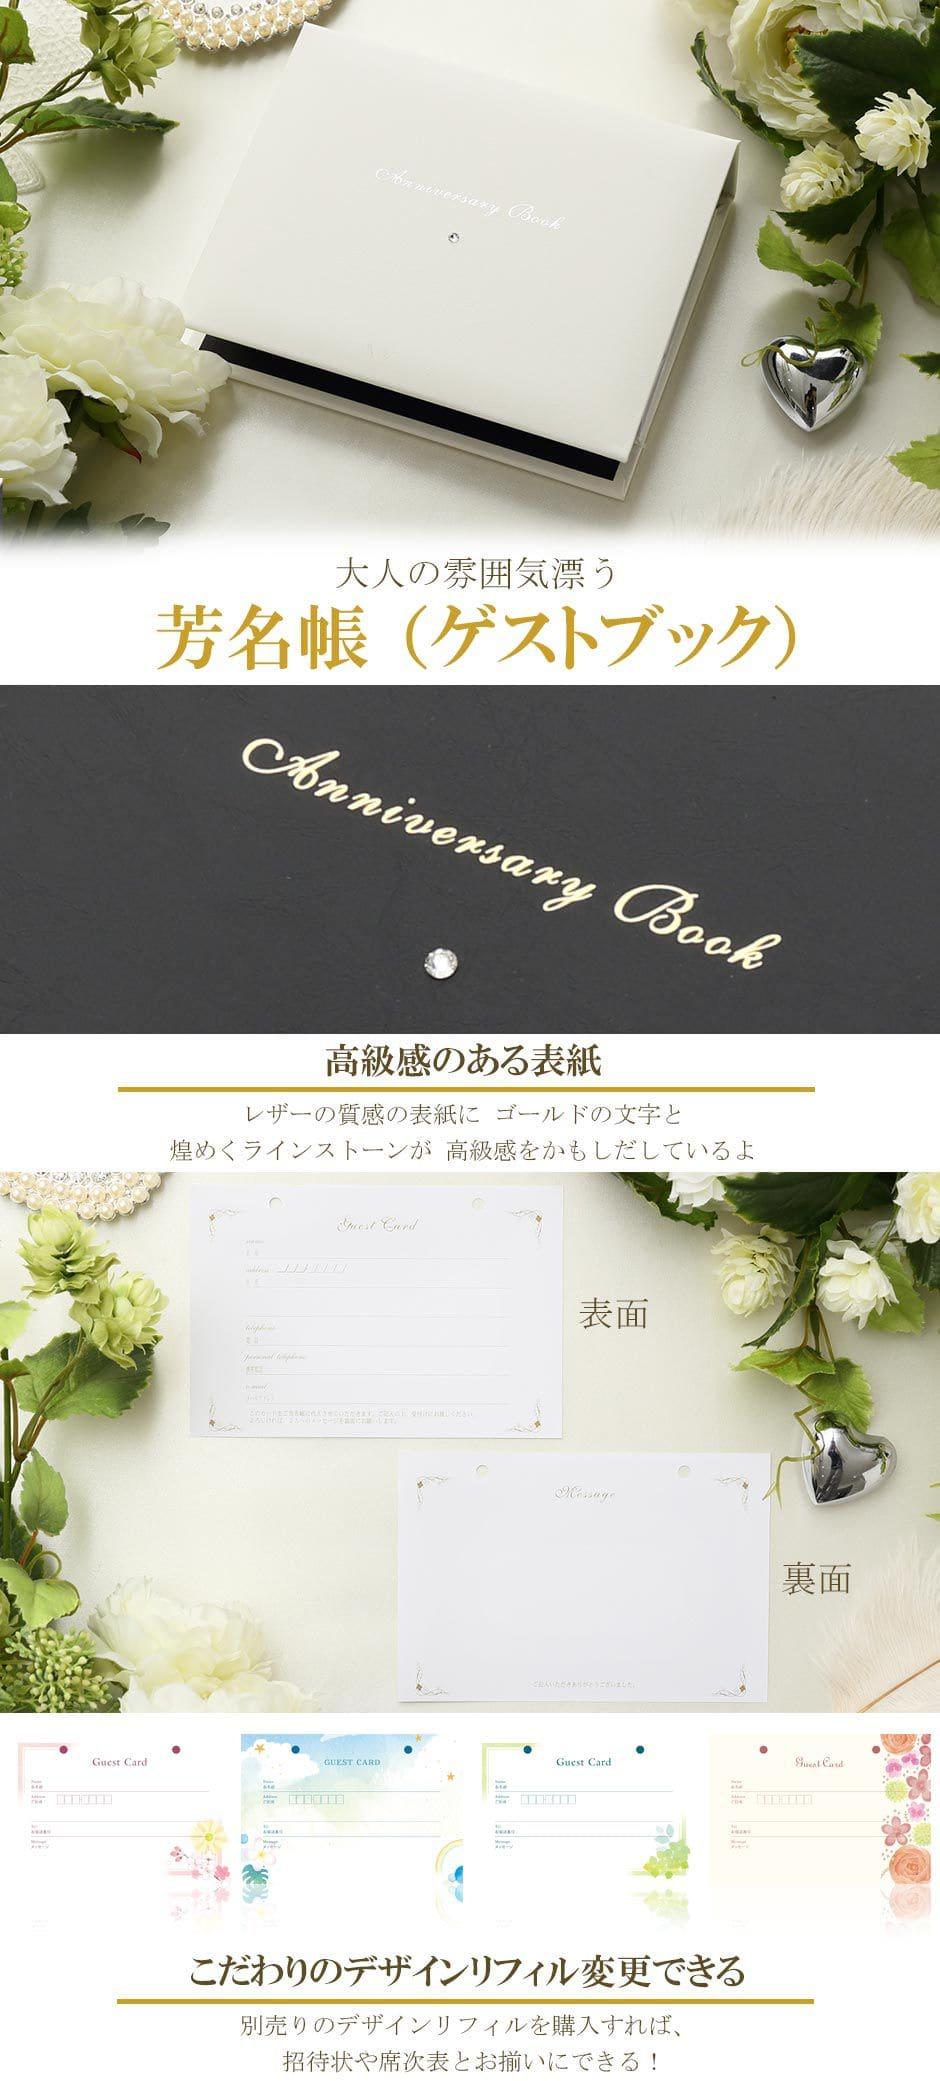 芳名帳(ゲストカード)